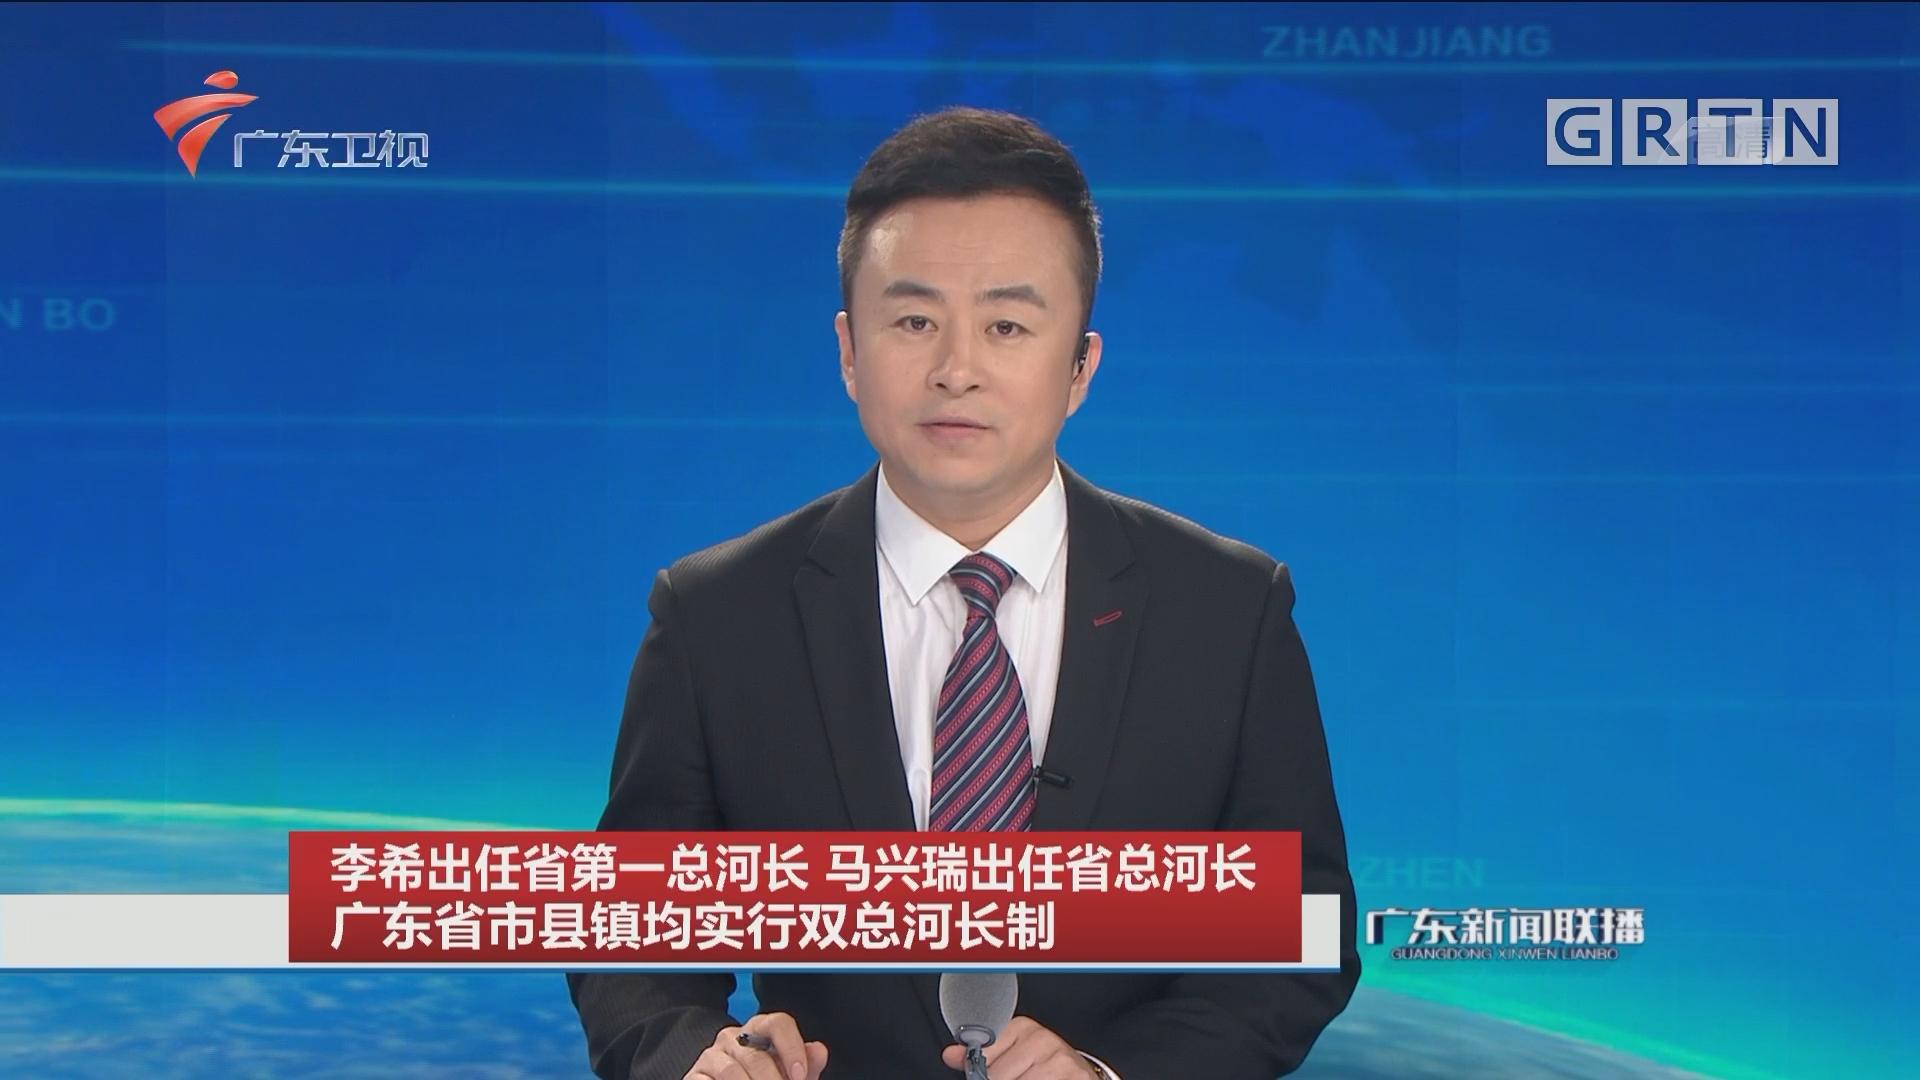 李希出任省第一总河长 马兴瑞出任省总河长 广东省市县镇均实行双总河长制